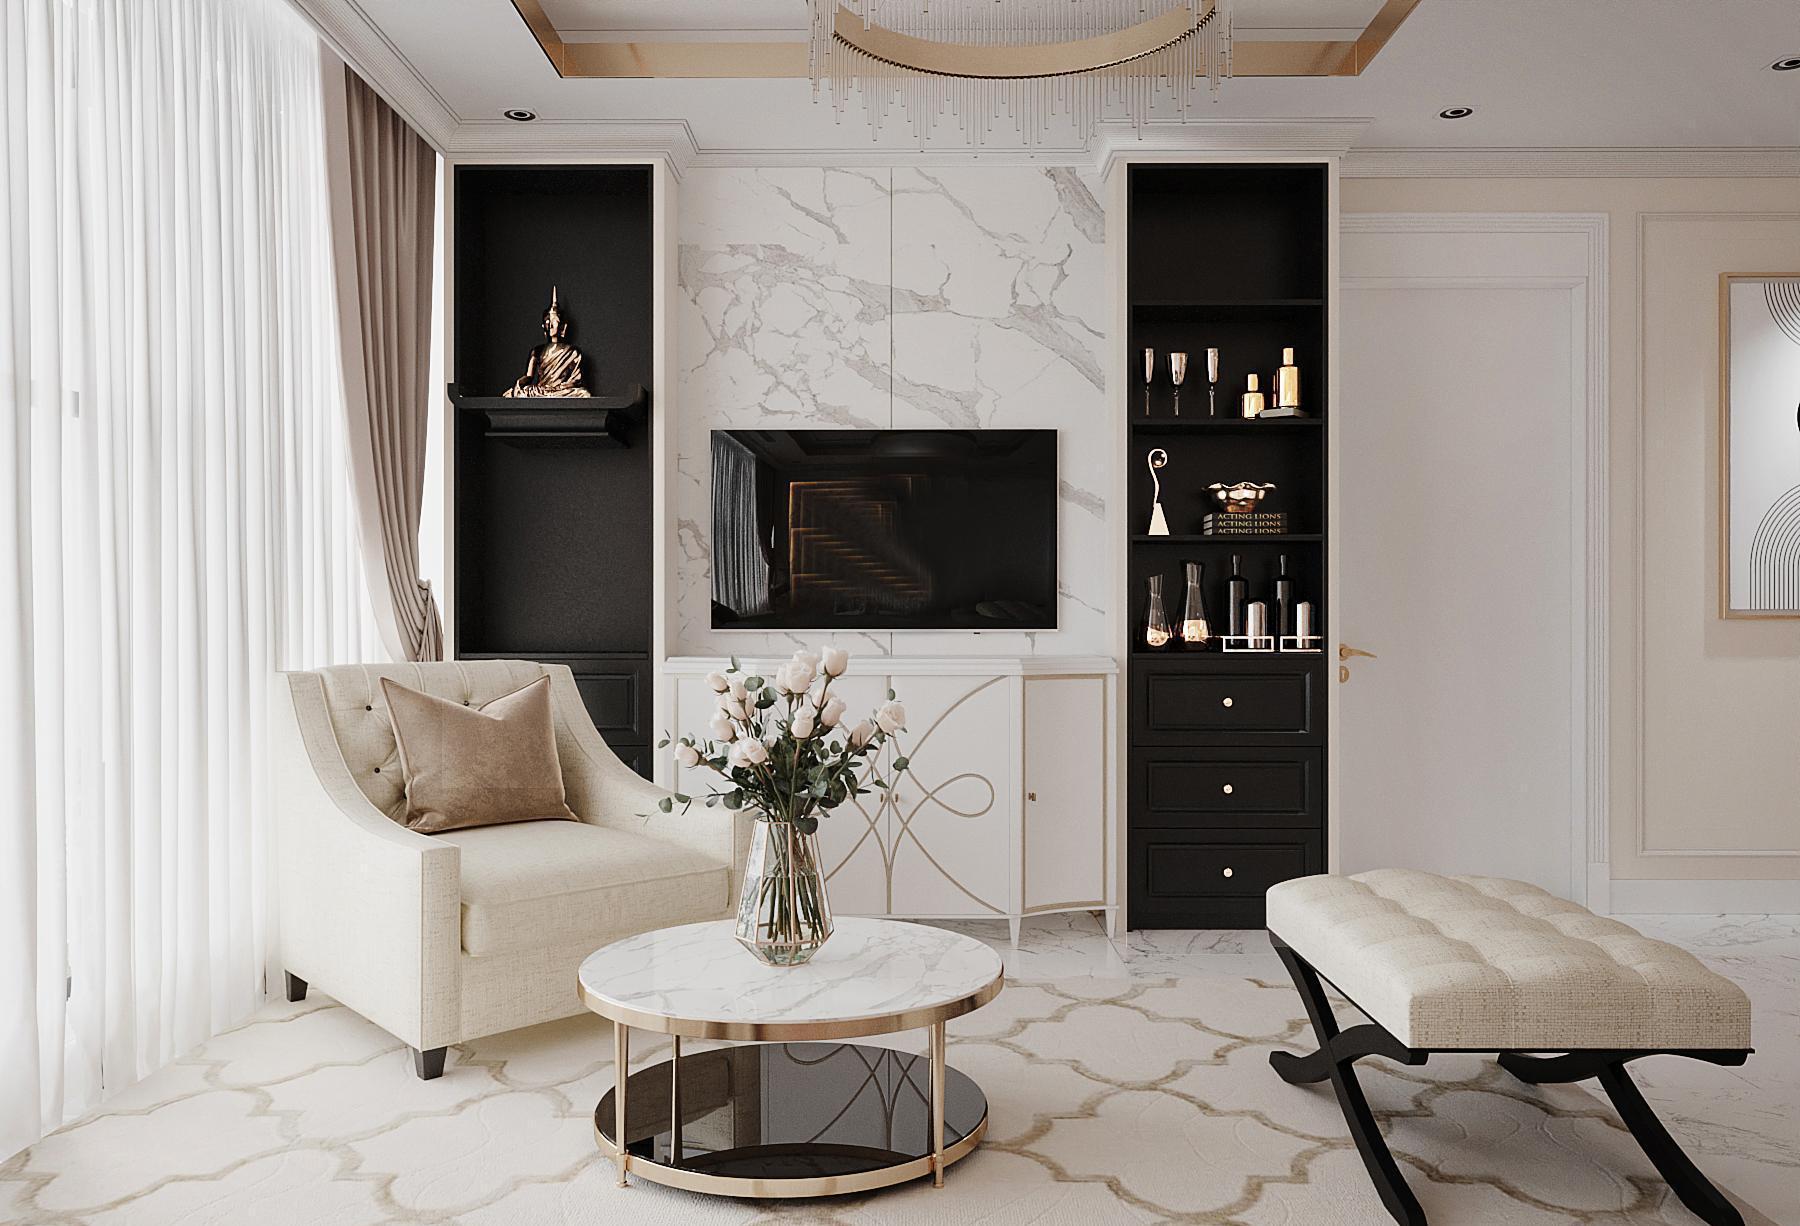 Thiết kế kệ tivi phong cách tân cổ điển cho căn hộ có diện tích nhỏ